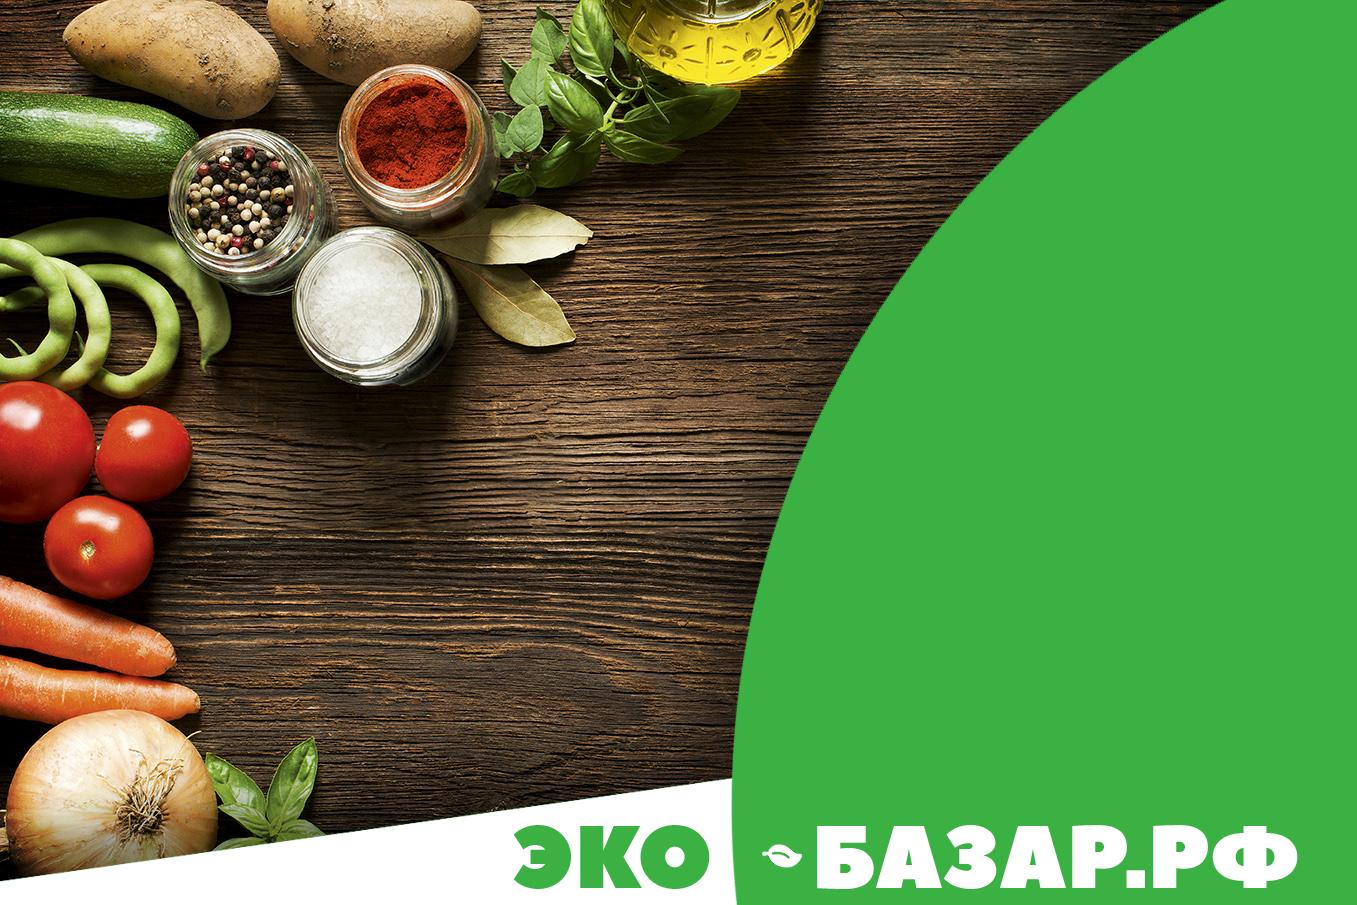 Логотип компании натуральных (фермерских) продуктов фото f_462593f47c06c044.png